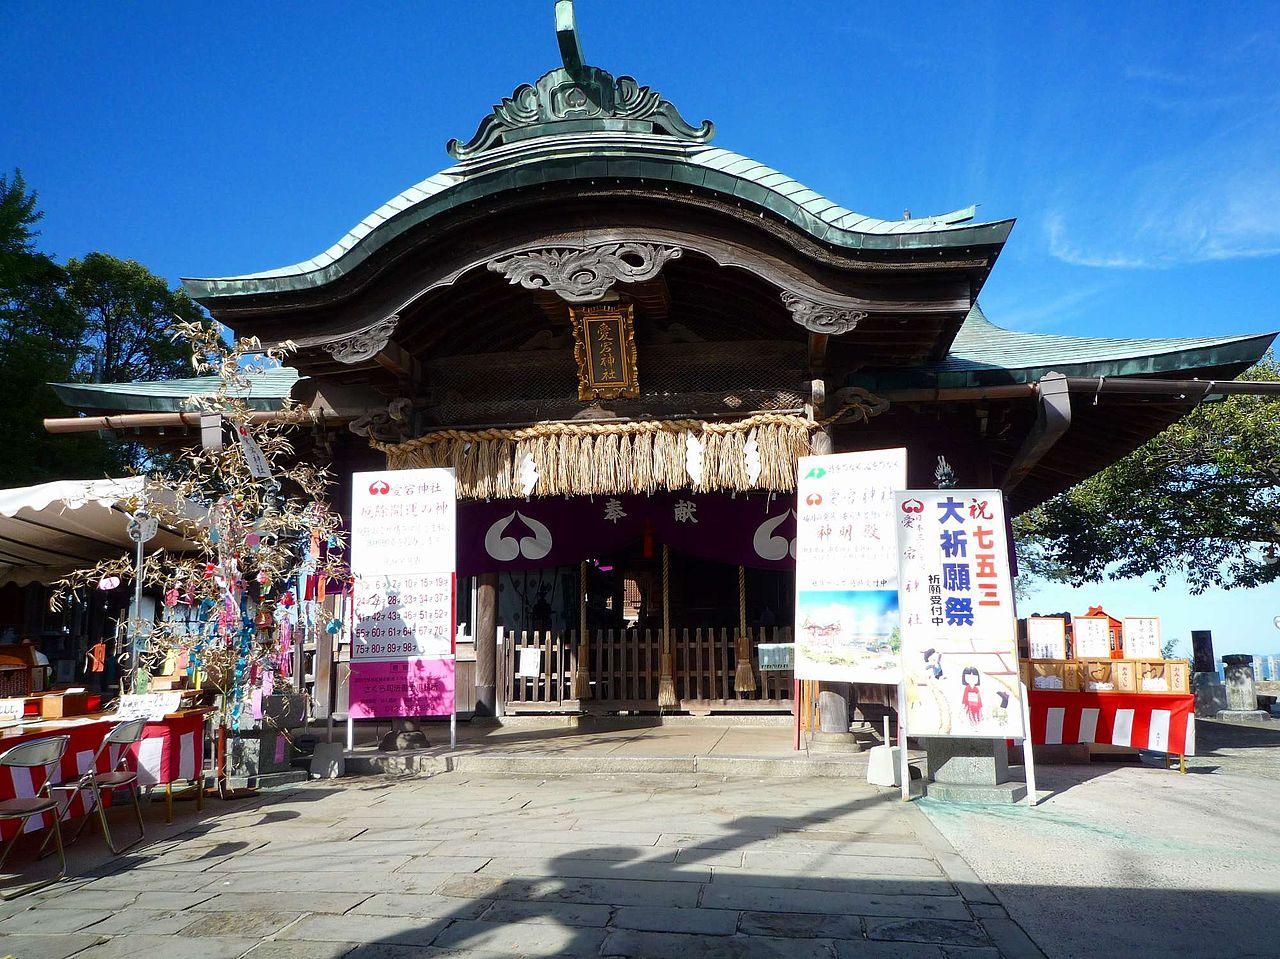 鷲尾愛宕神社 - Wikipedia